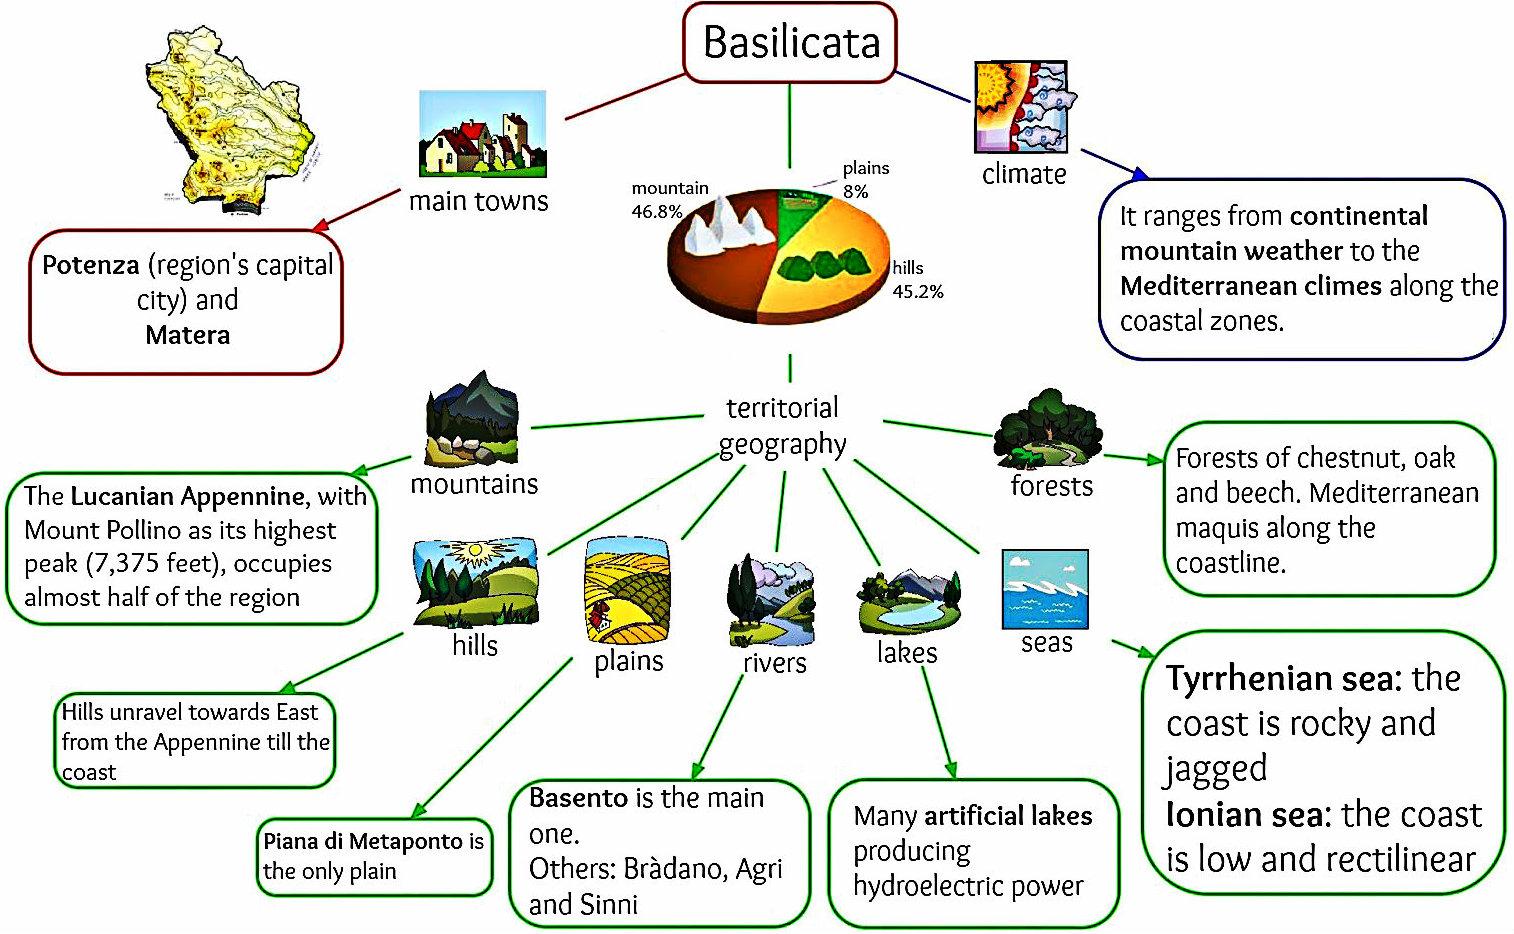 Basilicata territory